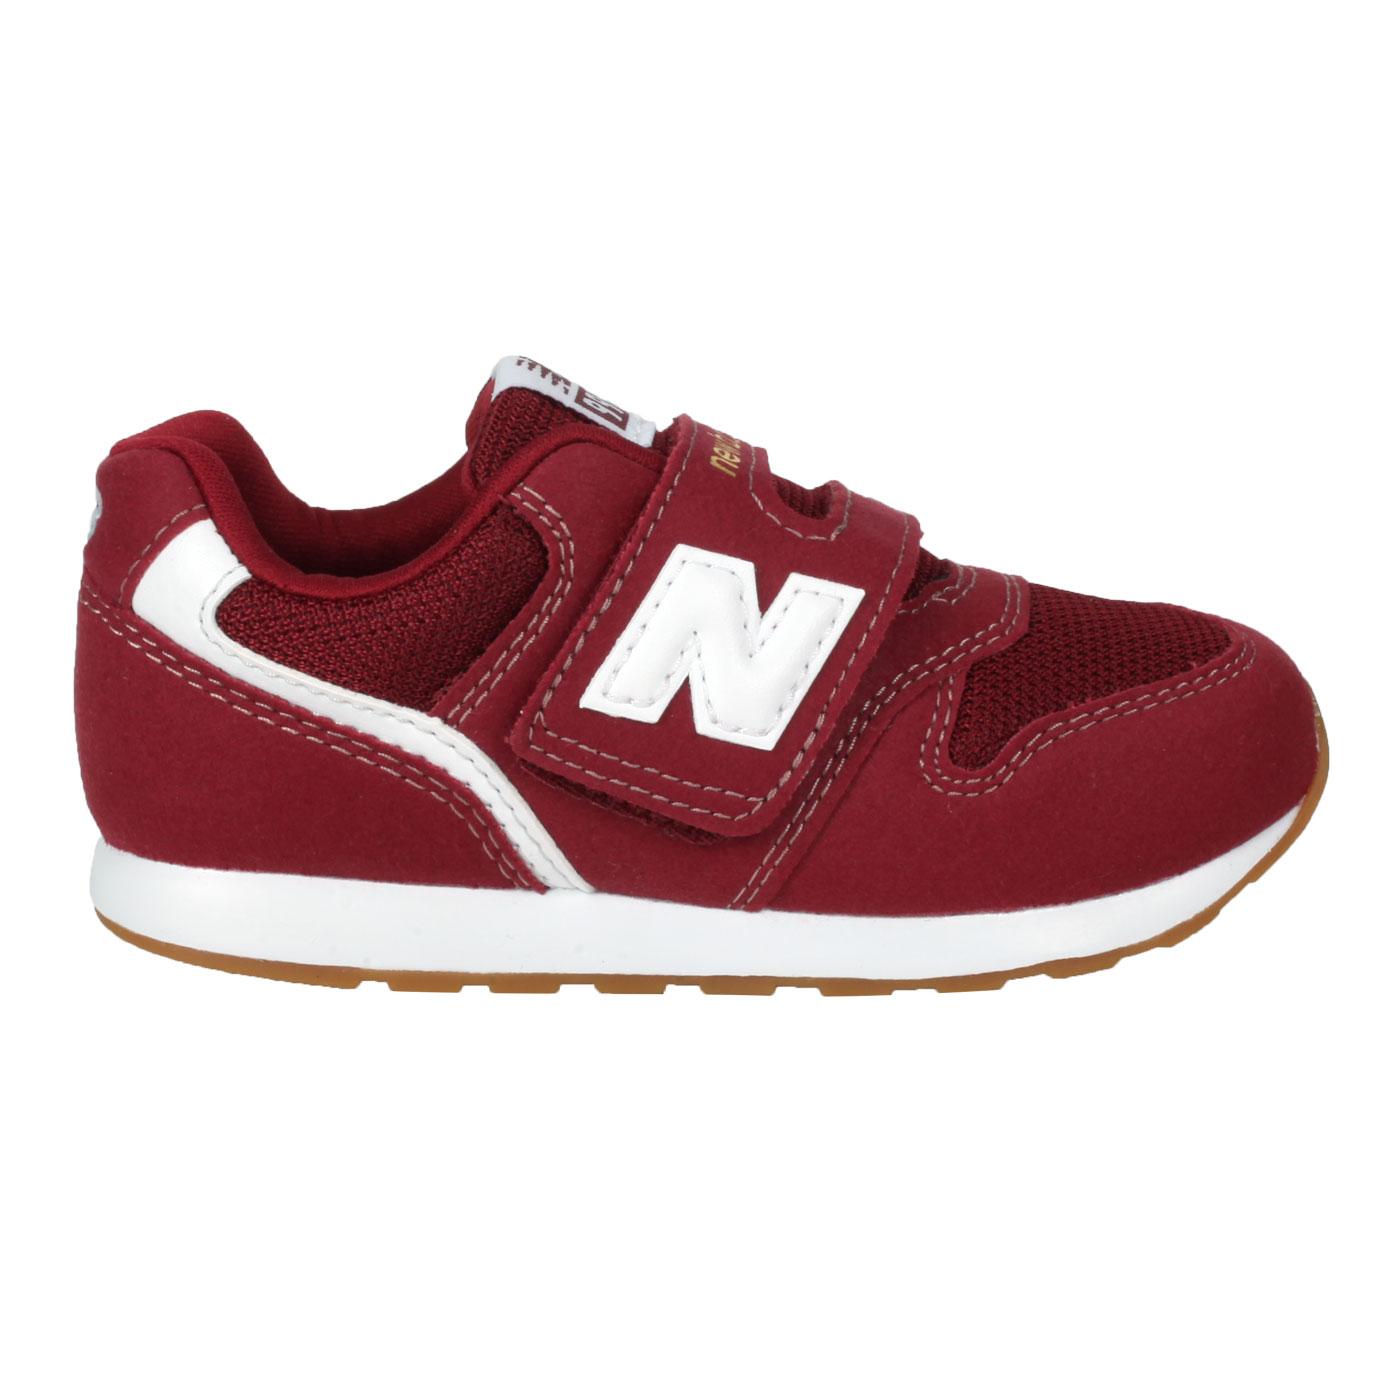 NEW BALANCE 小童休閒運動鞋-WIDE IZ996CPH